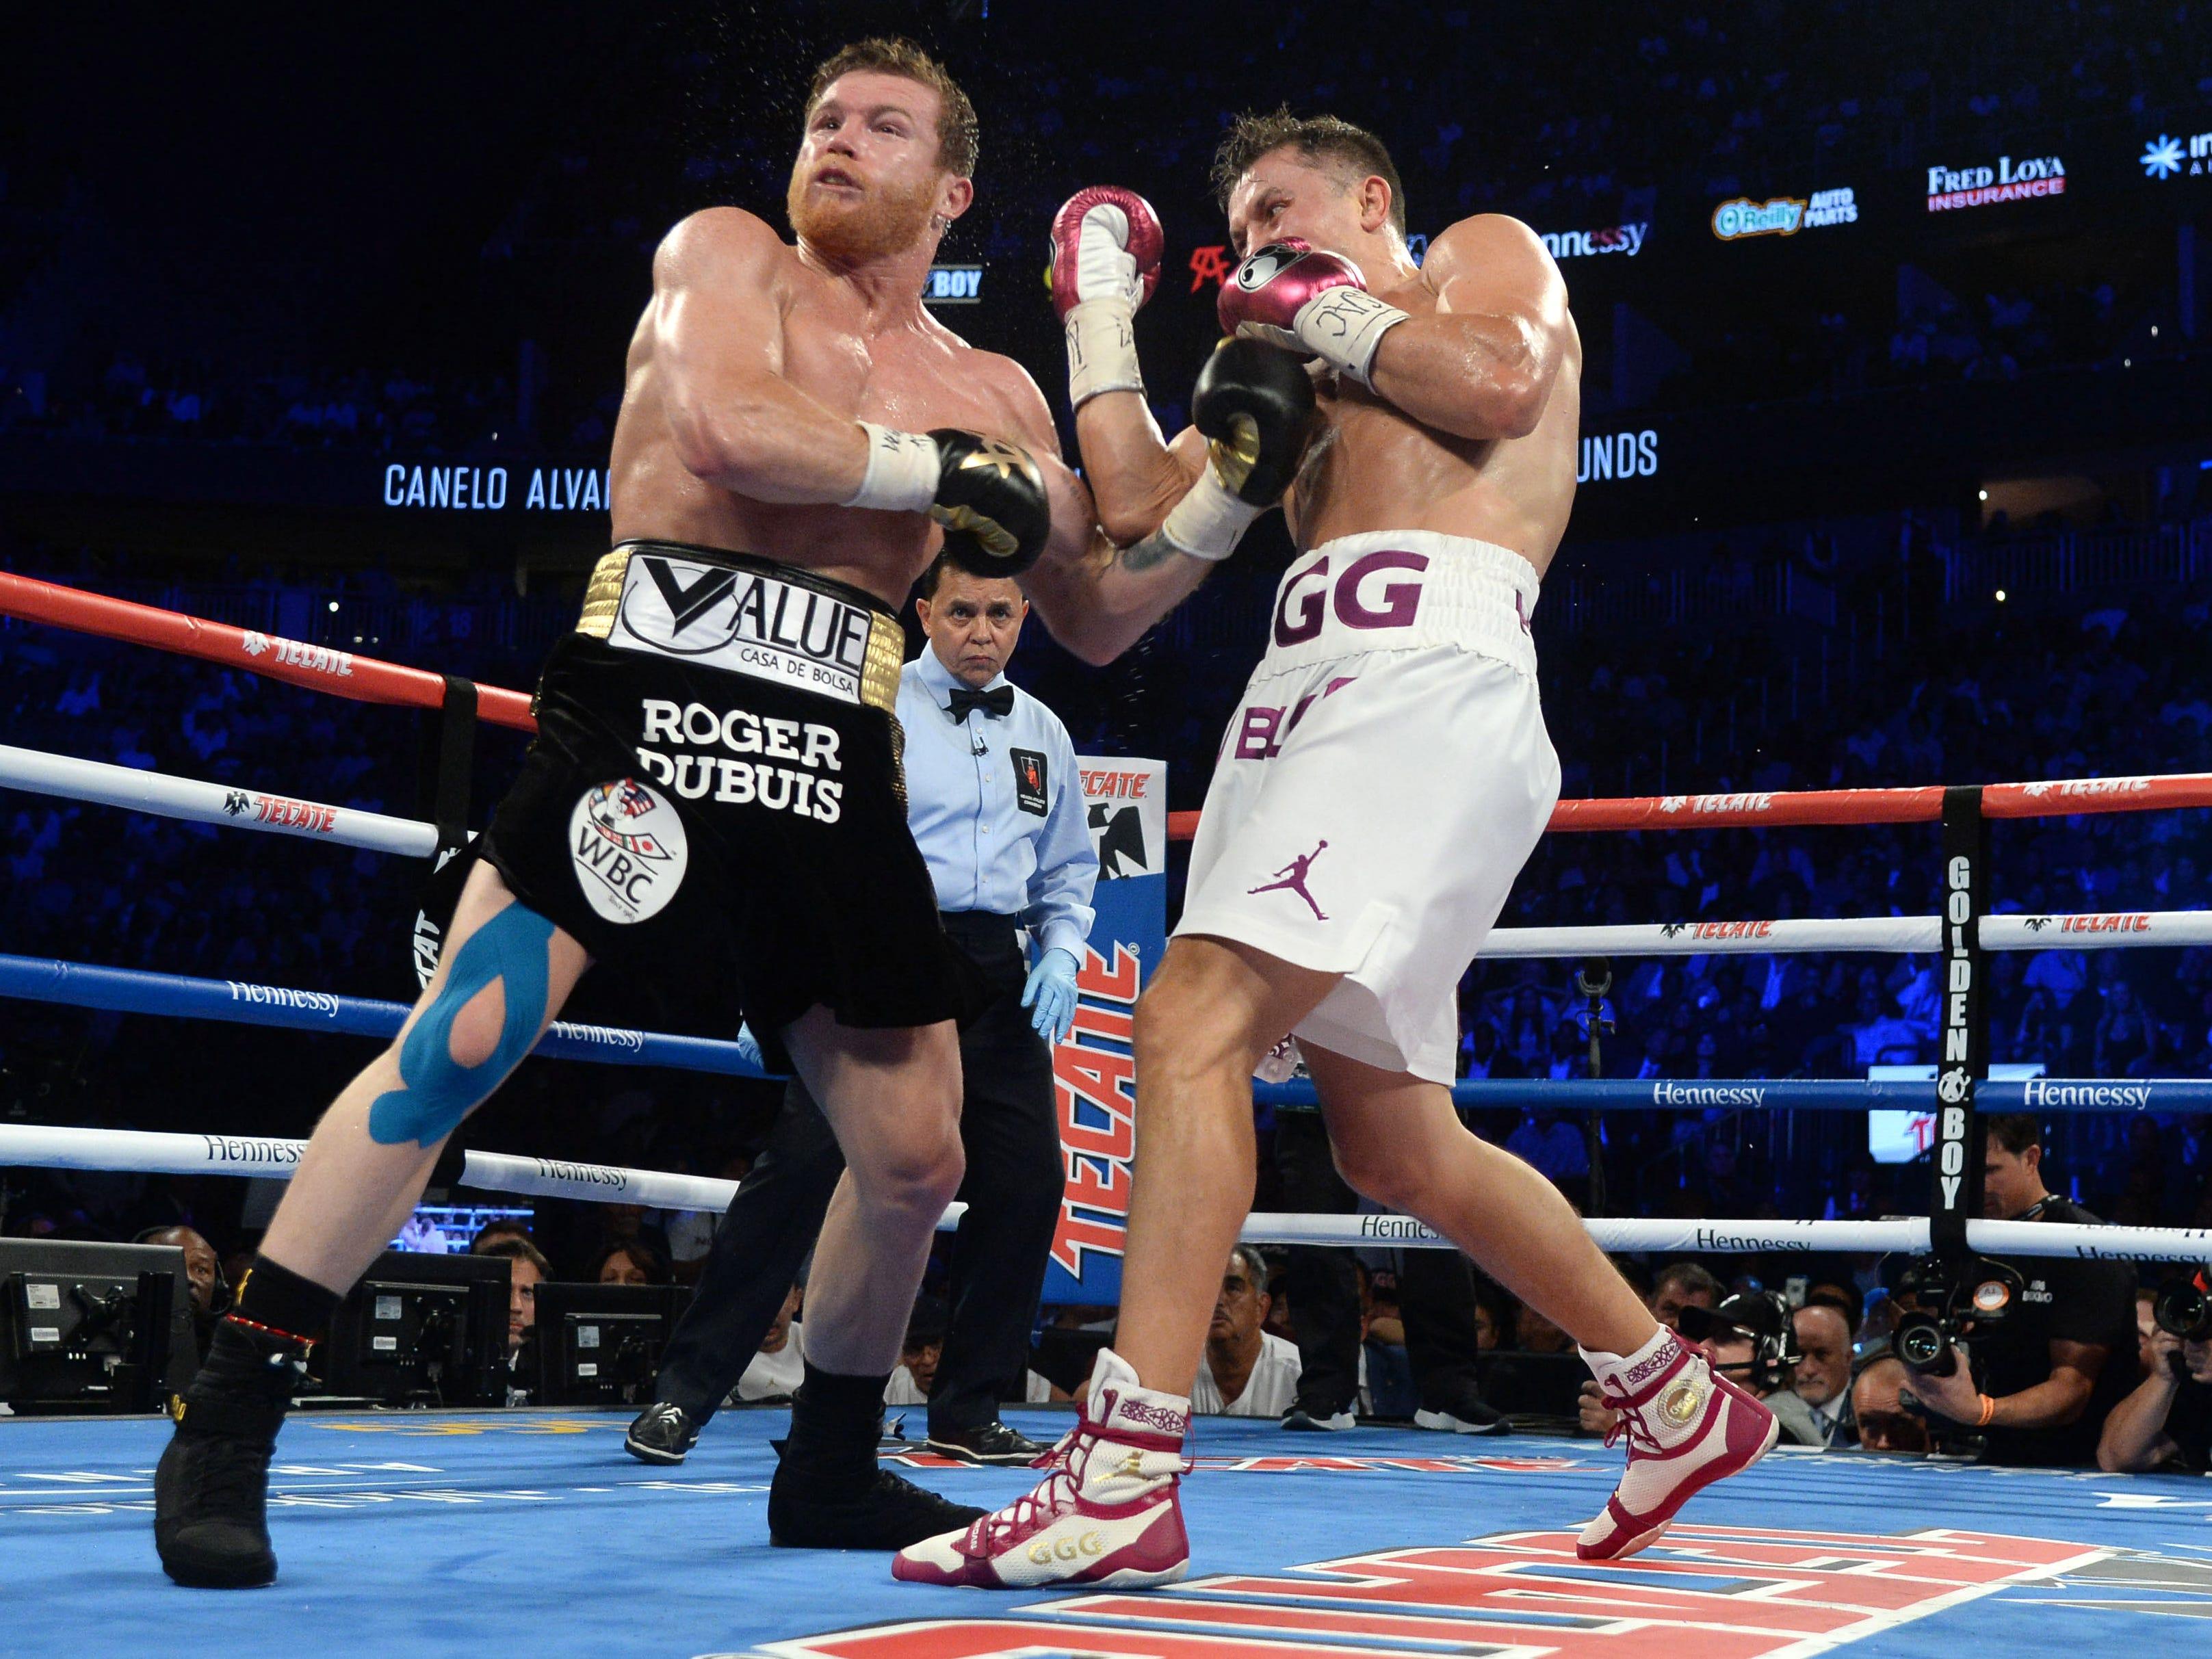 Golovkin lands a punch against Alvarez.